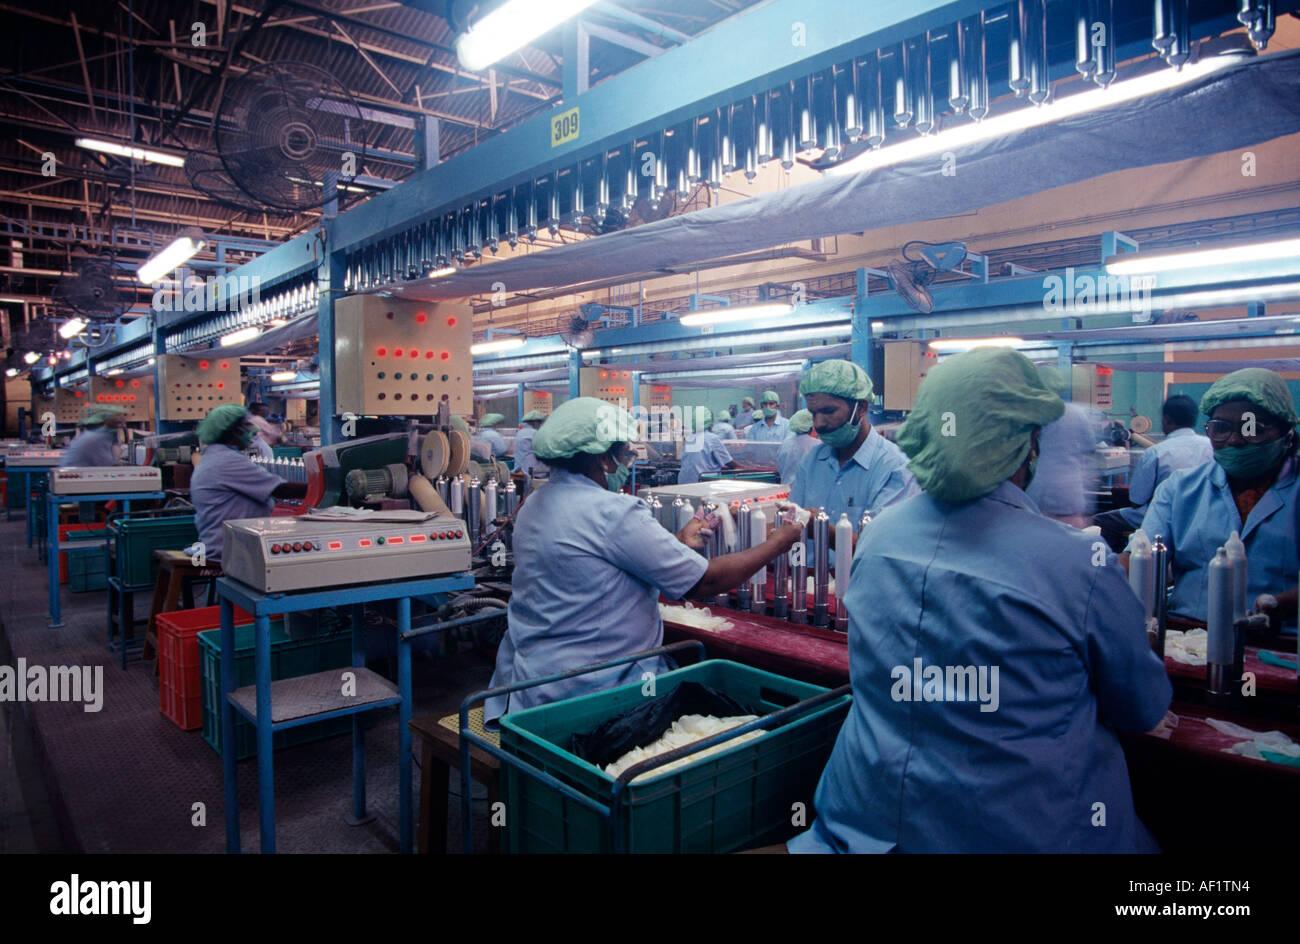 CONDOM MANUFACTURING PLANT IN HINDUSTAN LATEX TRIVANDRUM - Stock Image